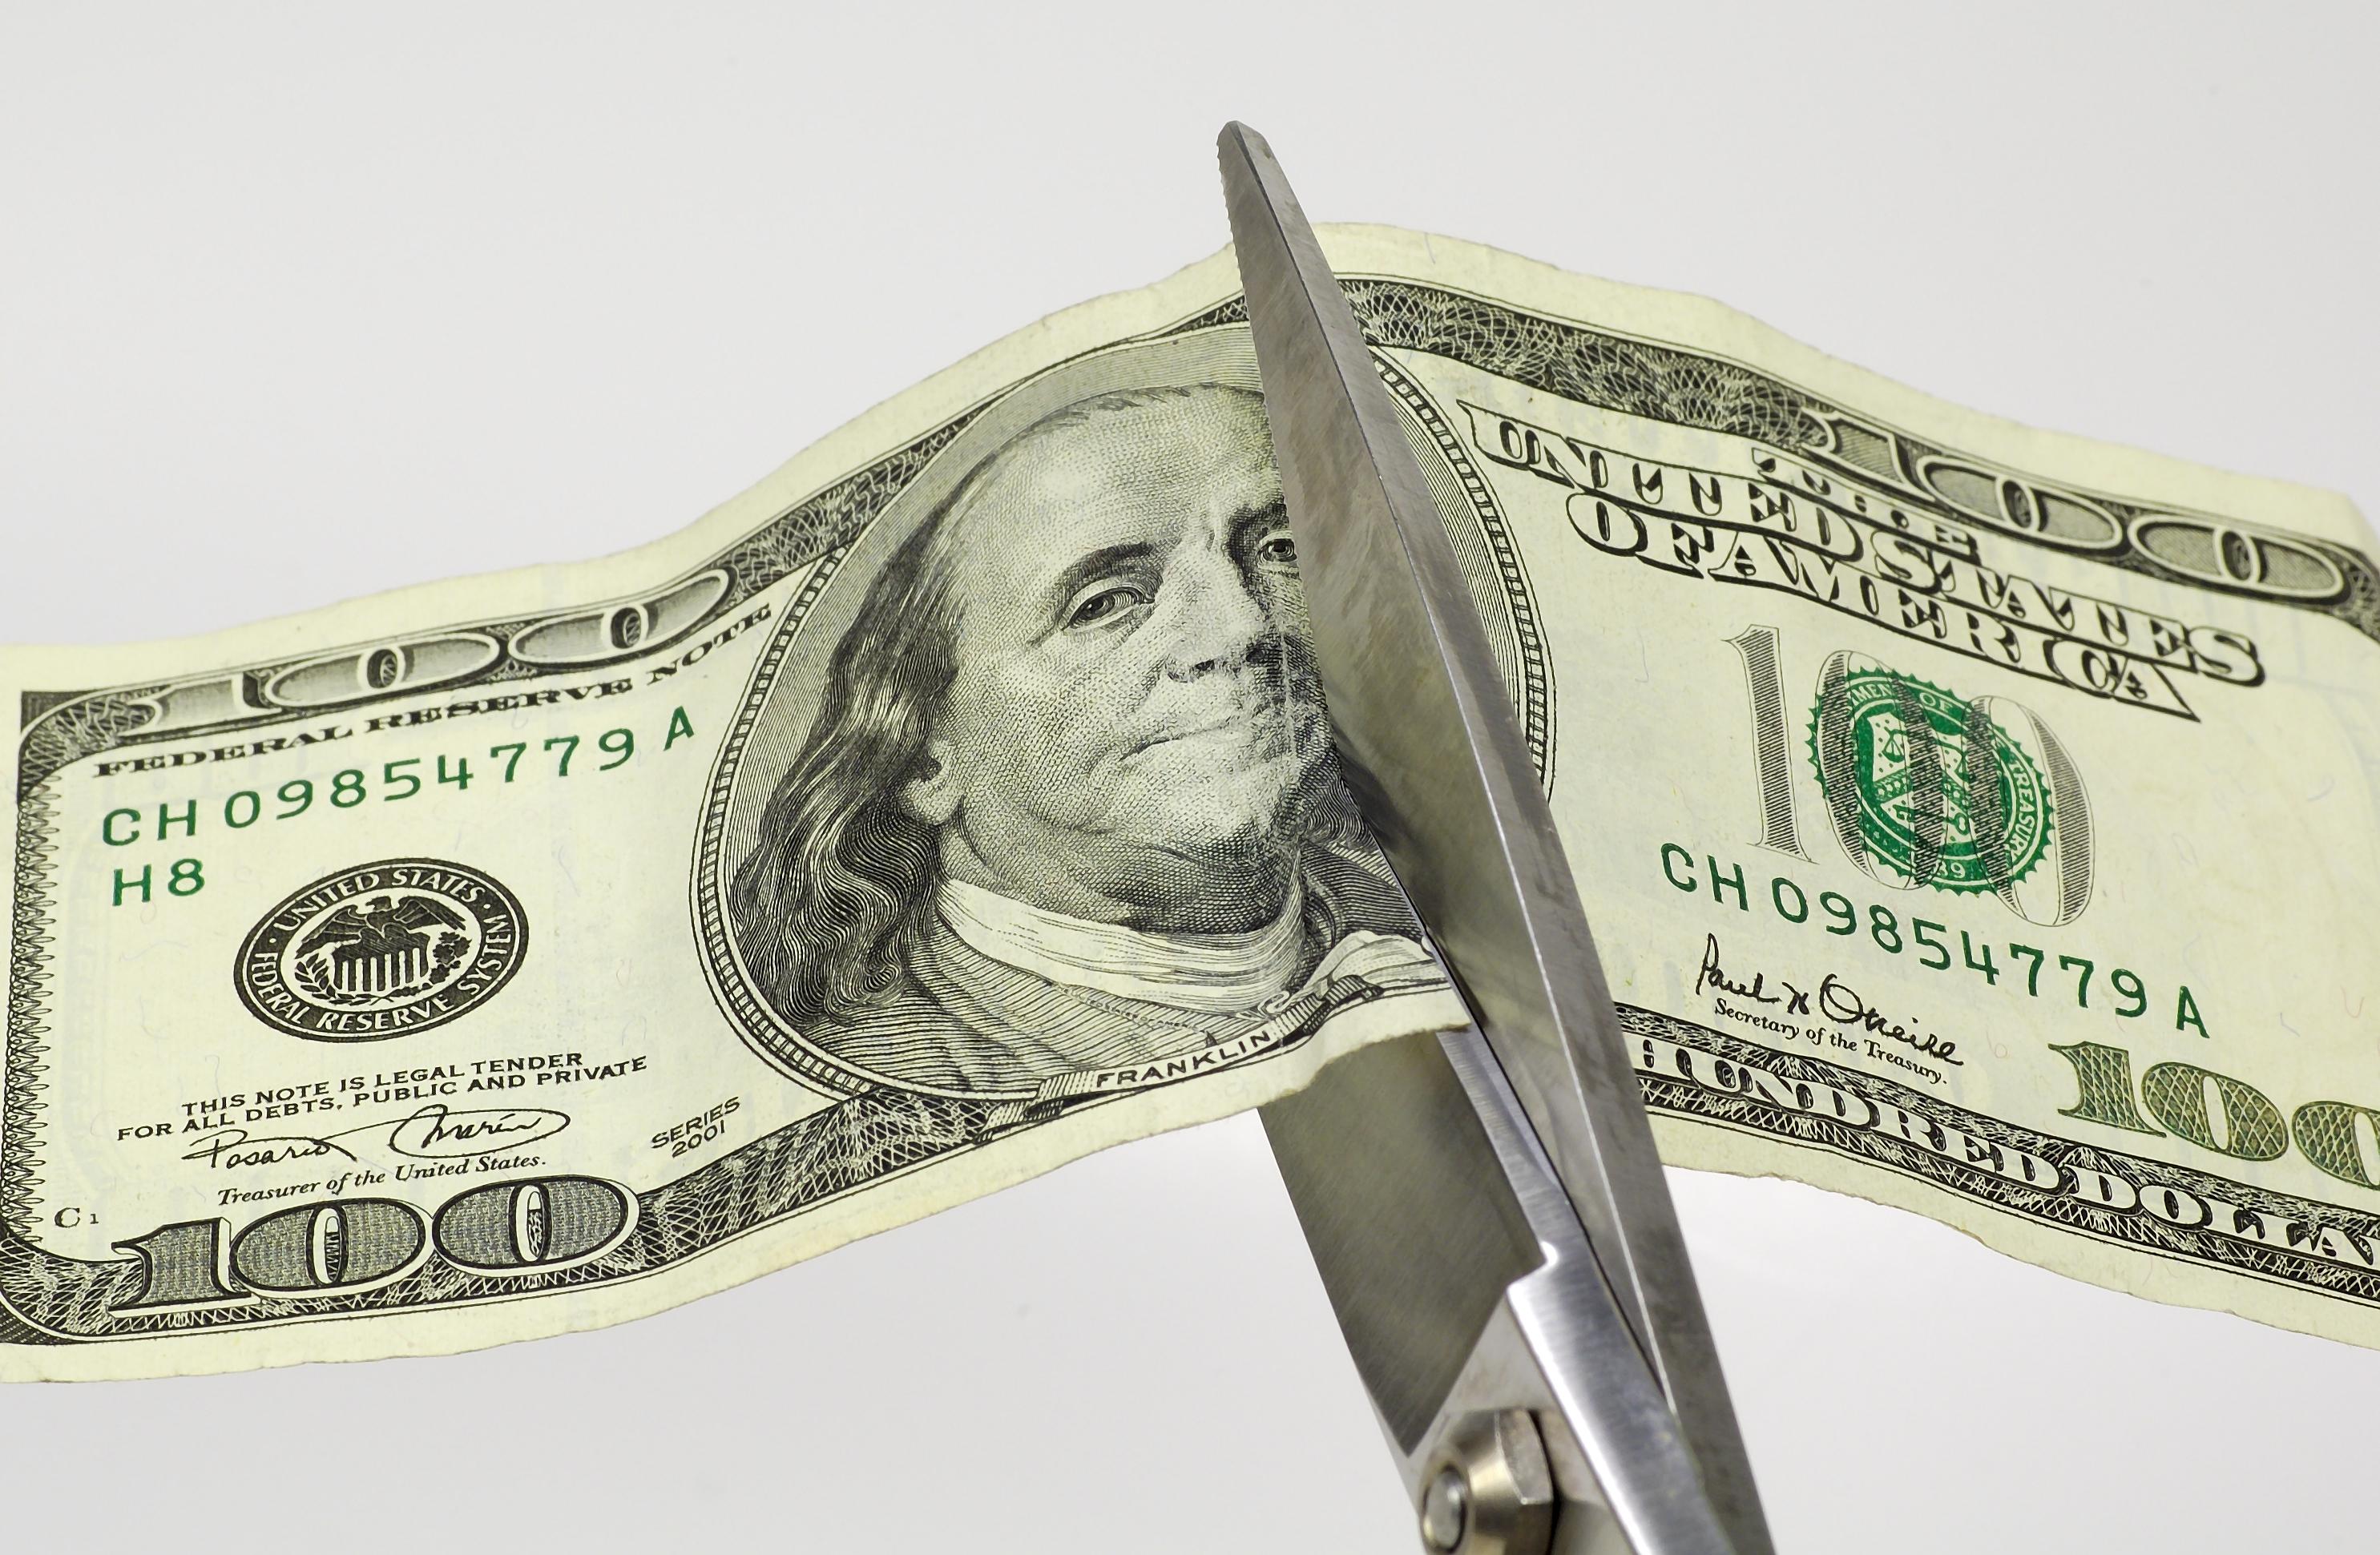 Sissors cutting into a $100 bill.